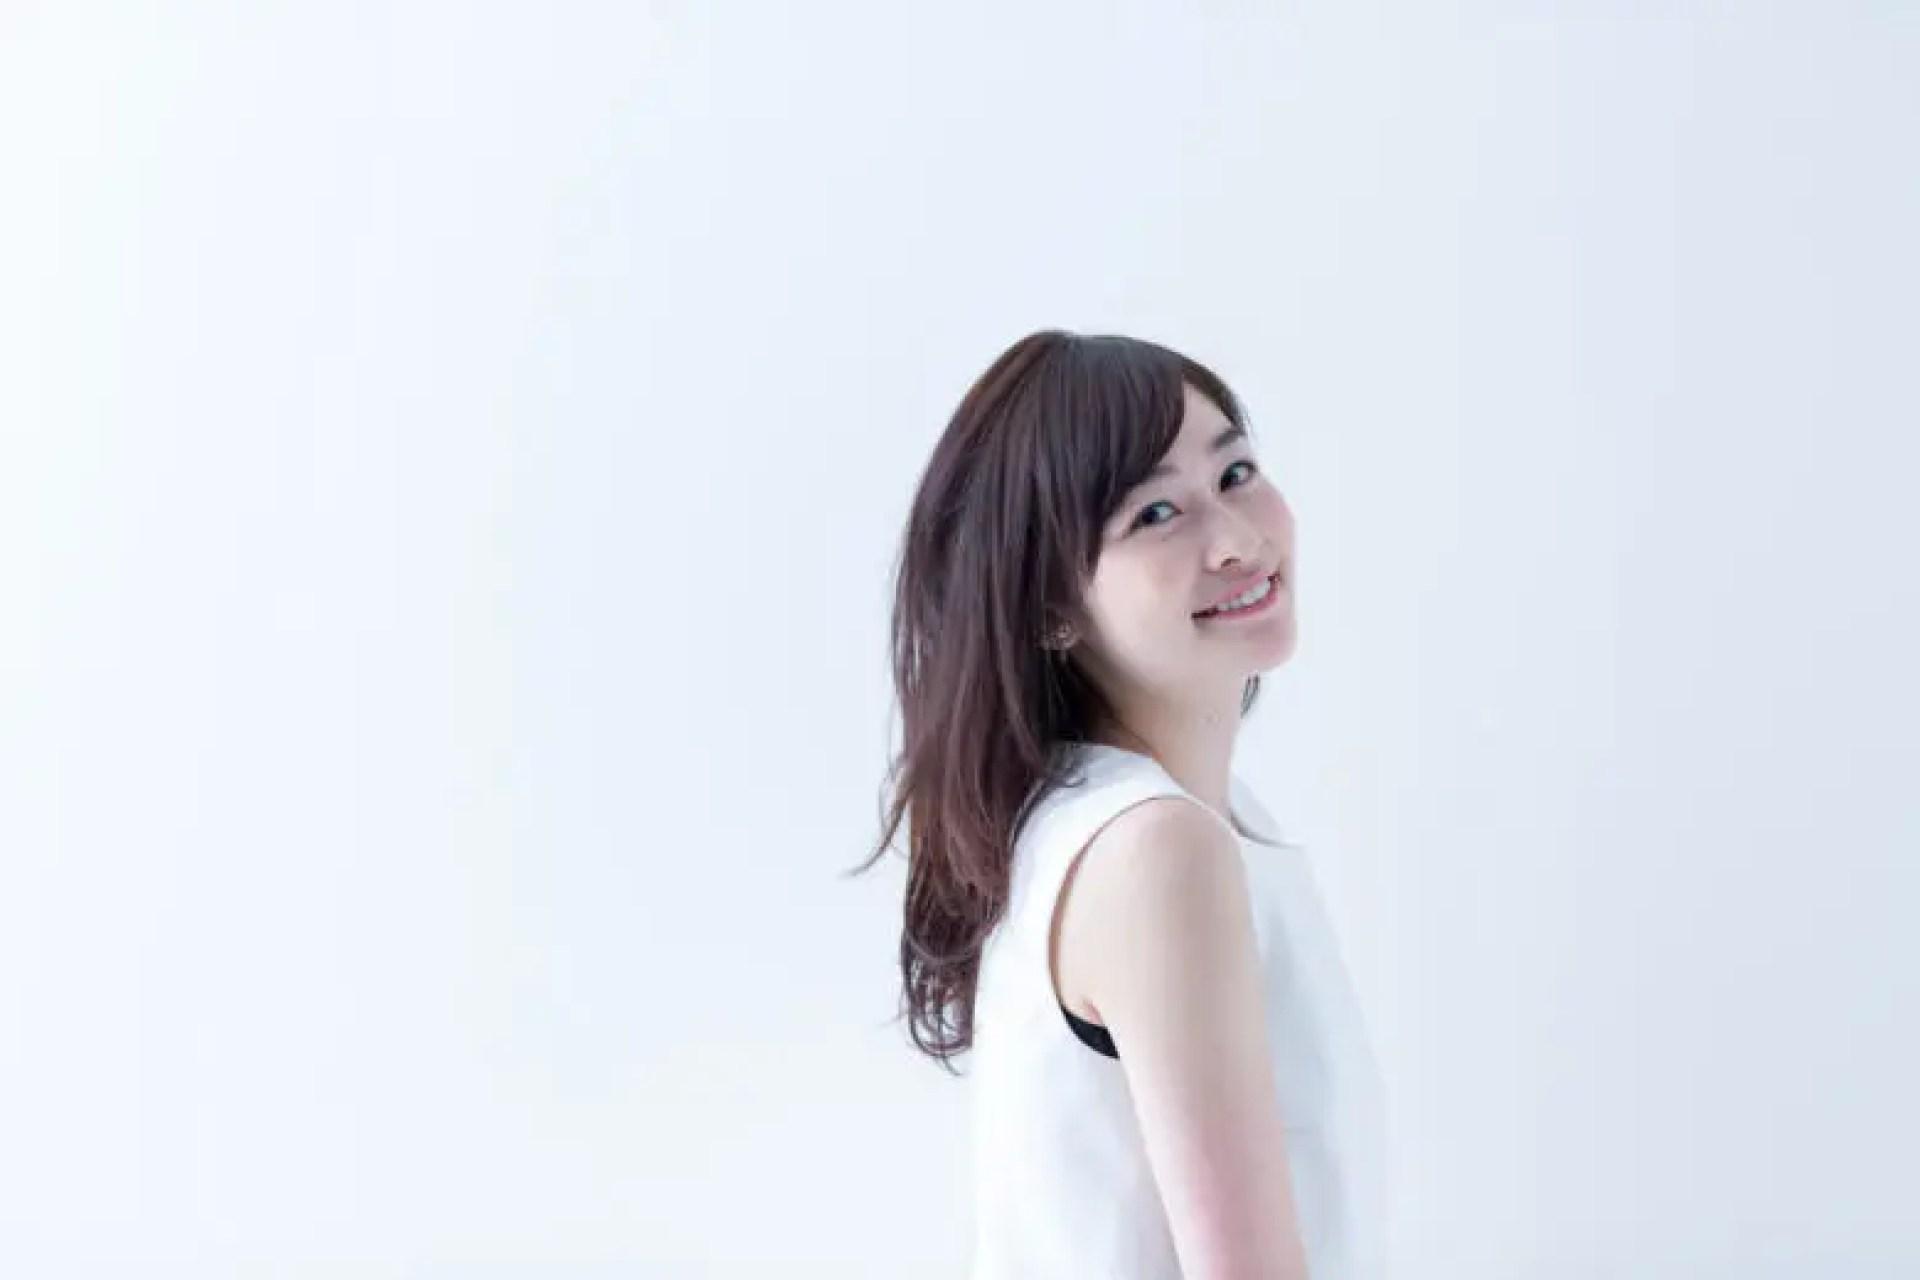 岩田絵里奈の画像